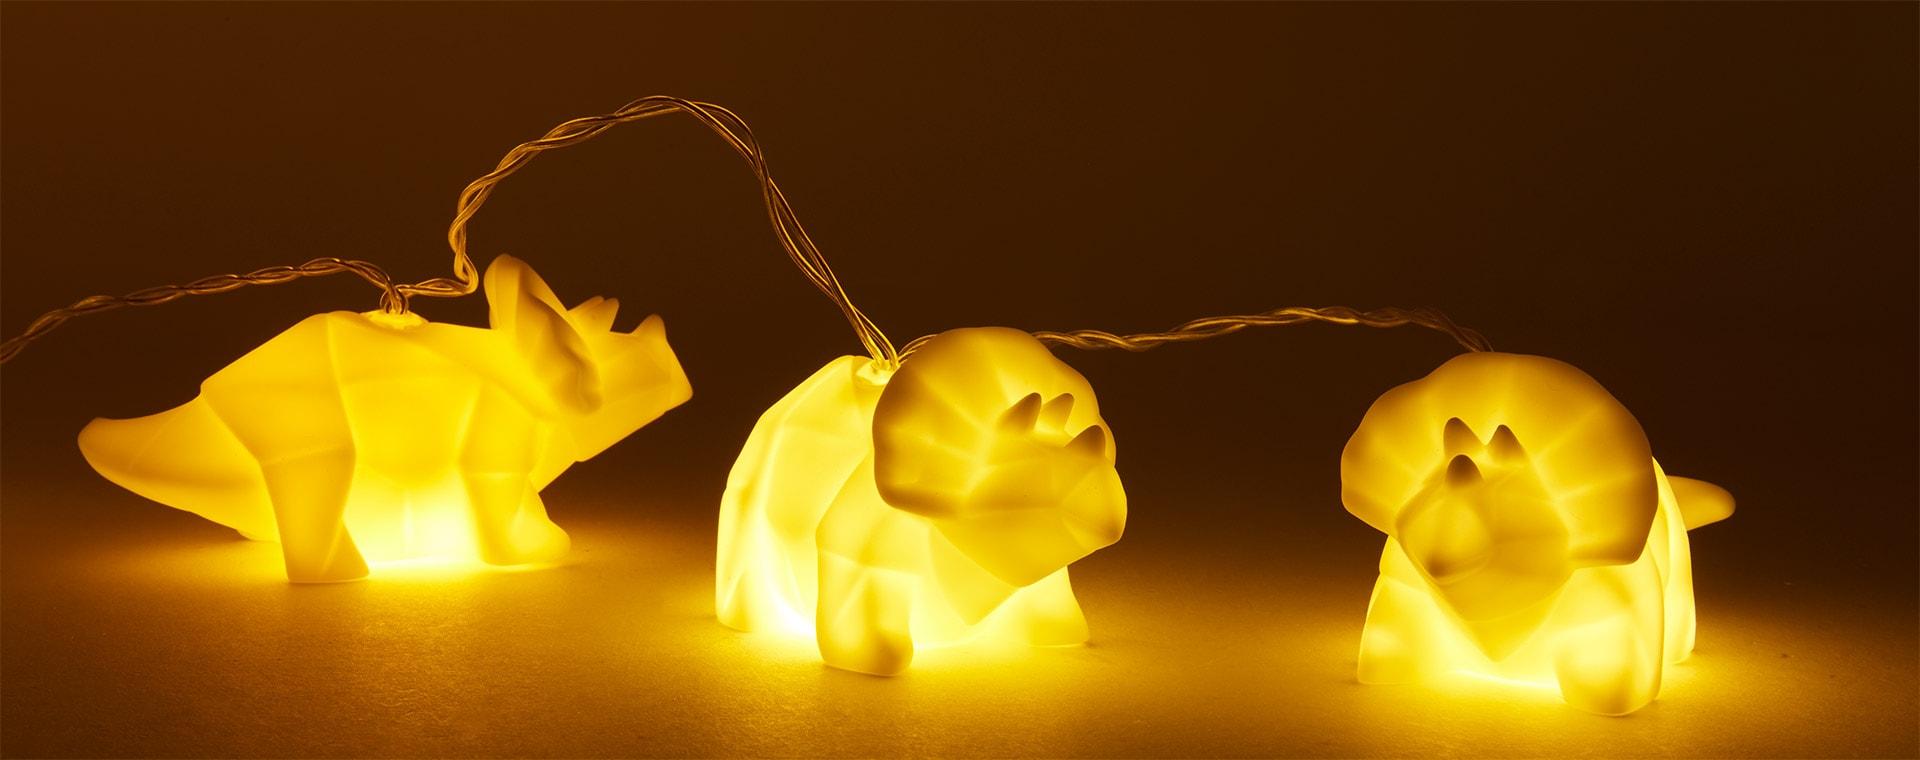 White House of Disaster Origami Dinosaur String Lights